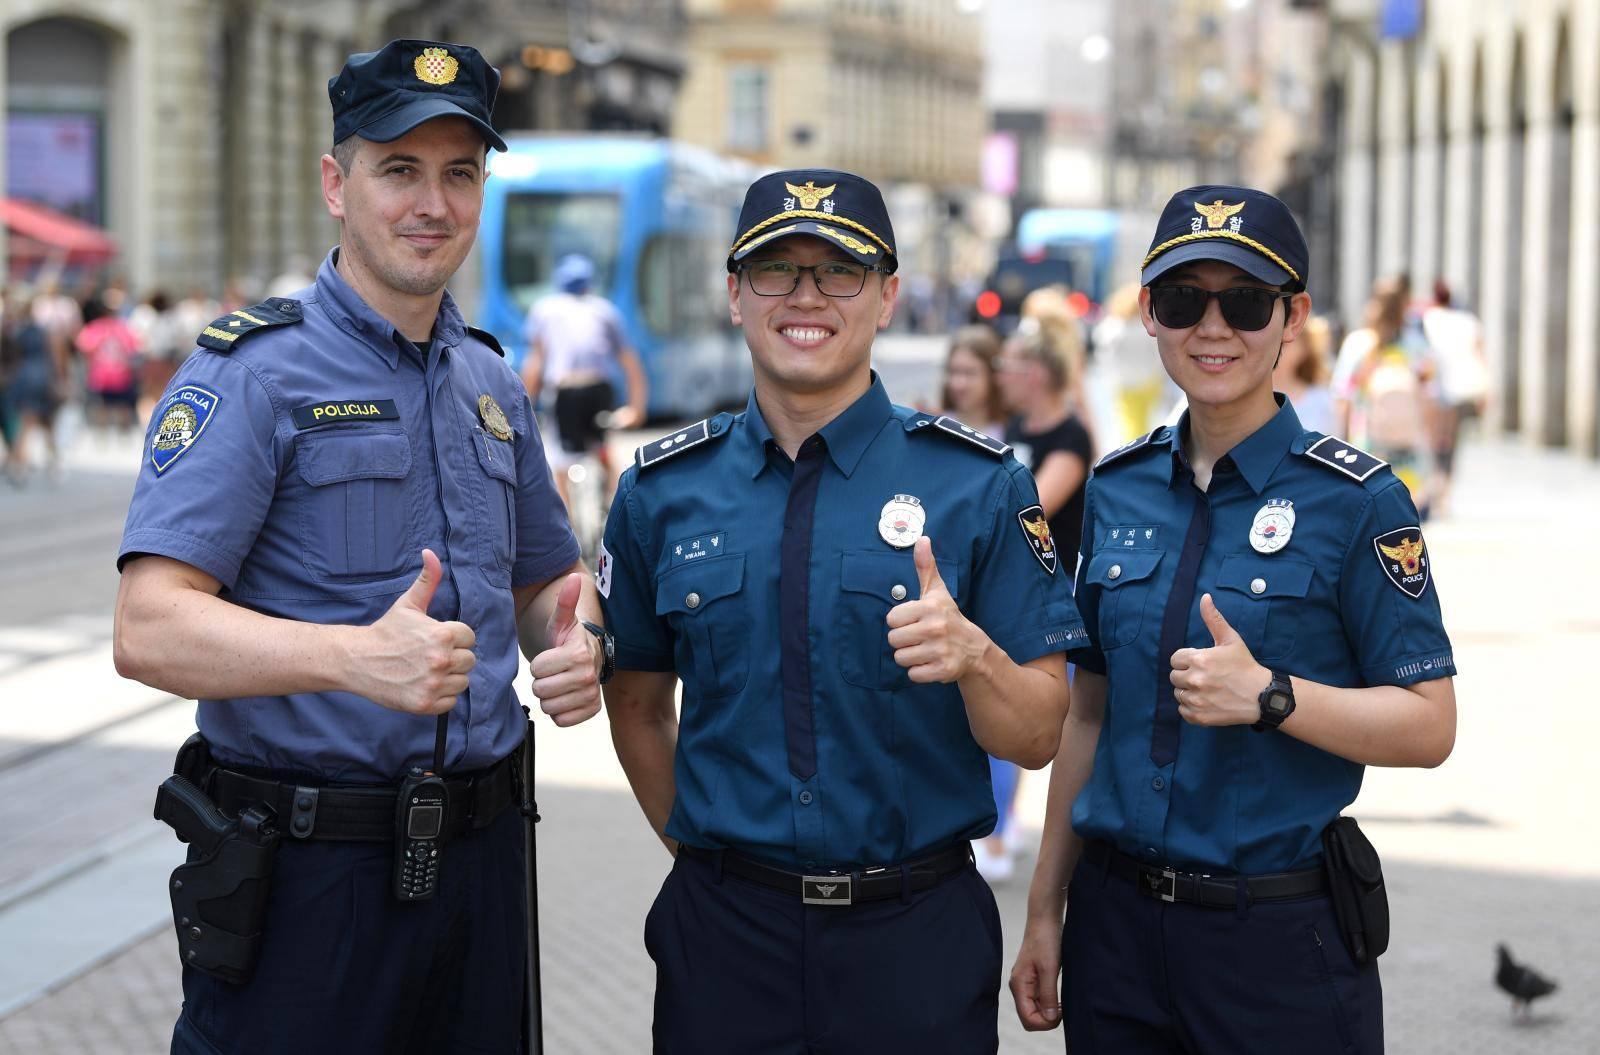 Korejski policajci: Svi se žele slikati s nama, popularni smo